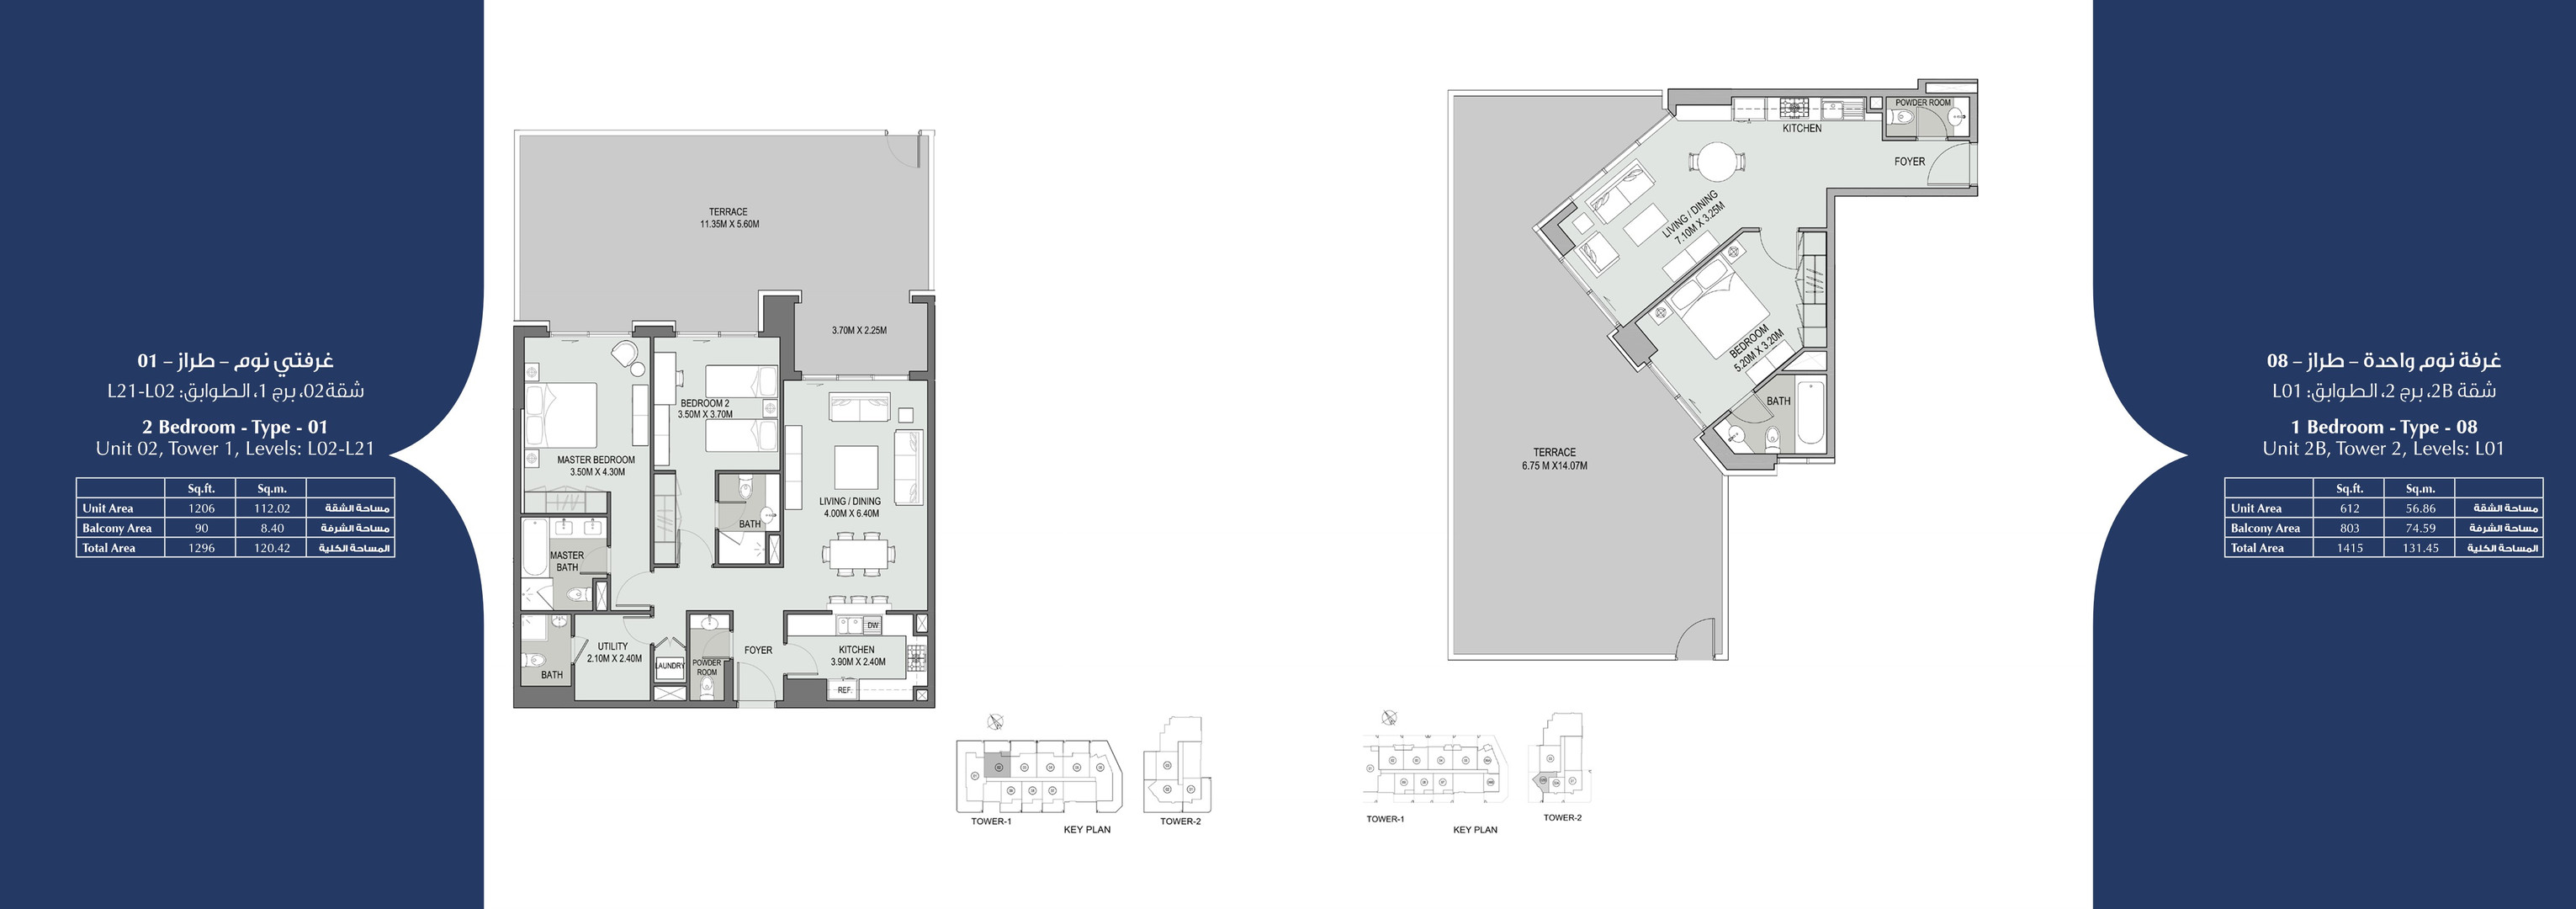 Brochure-New-Bellevue-Towers_19.jpg